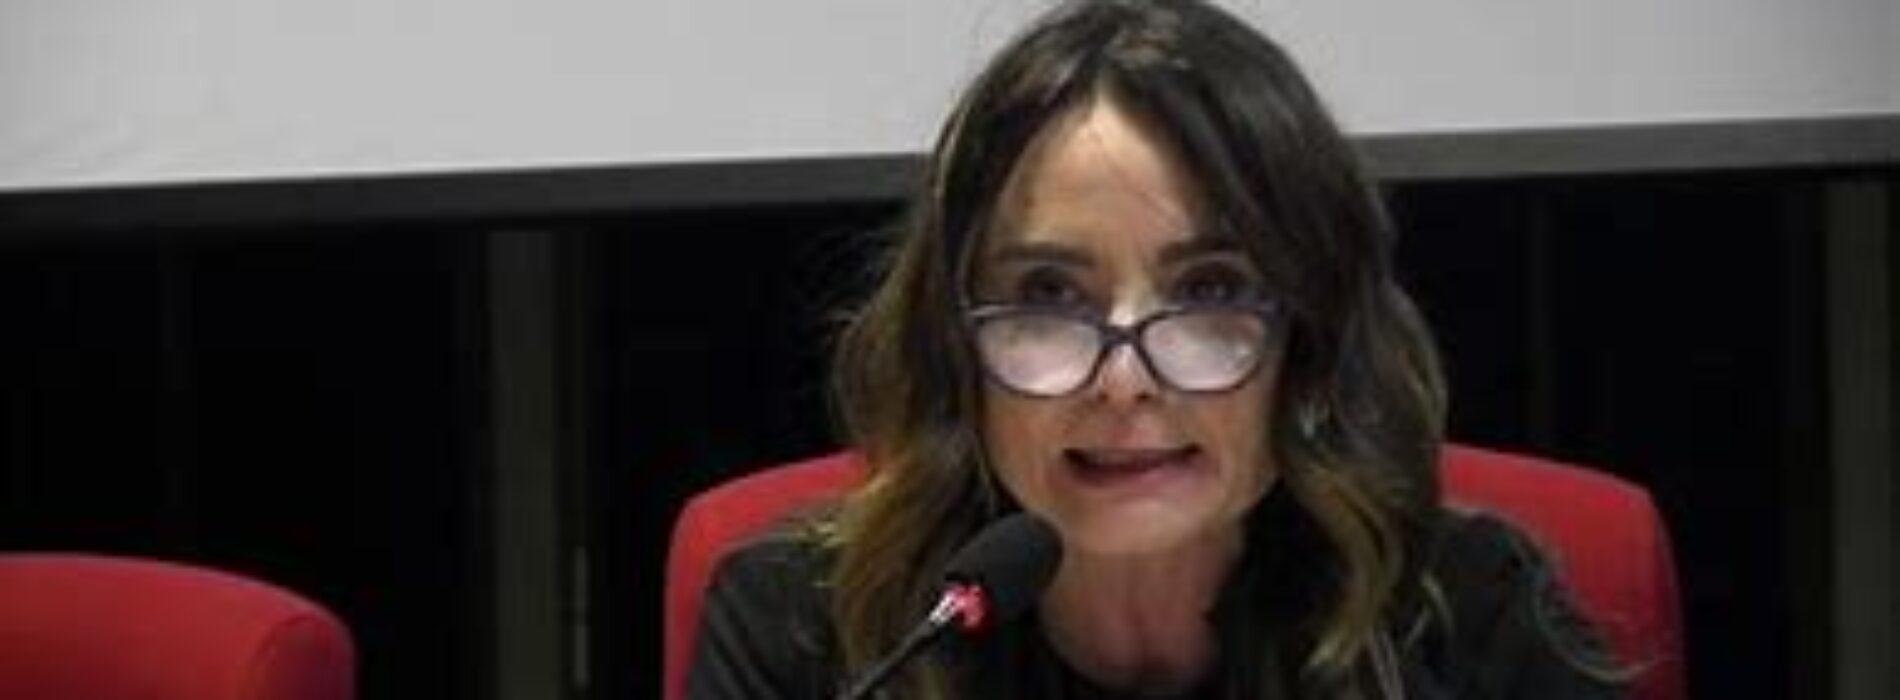 Psicologi per la ripartenza, il nuovo corso di laurea è a Salerno